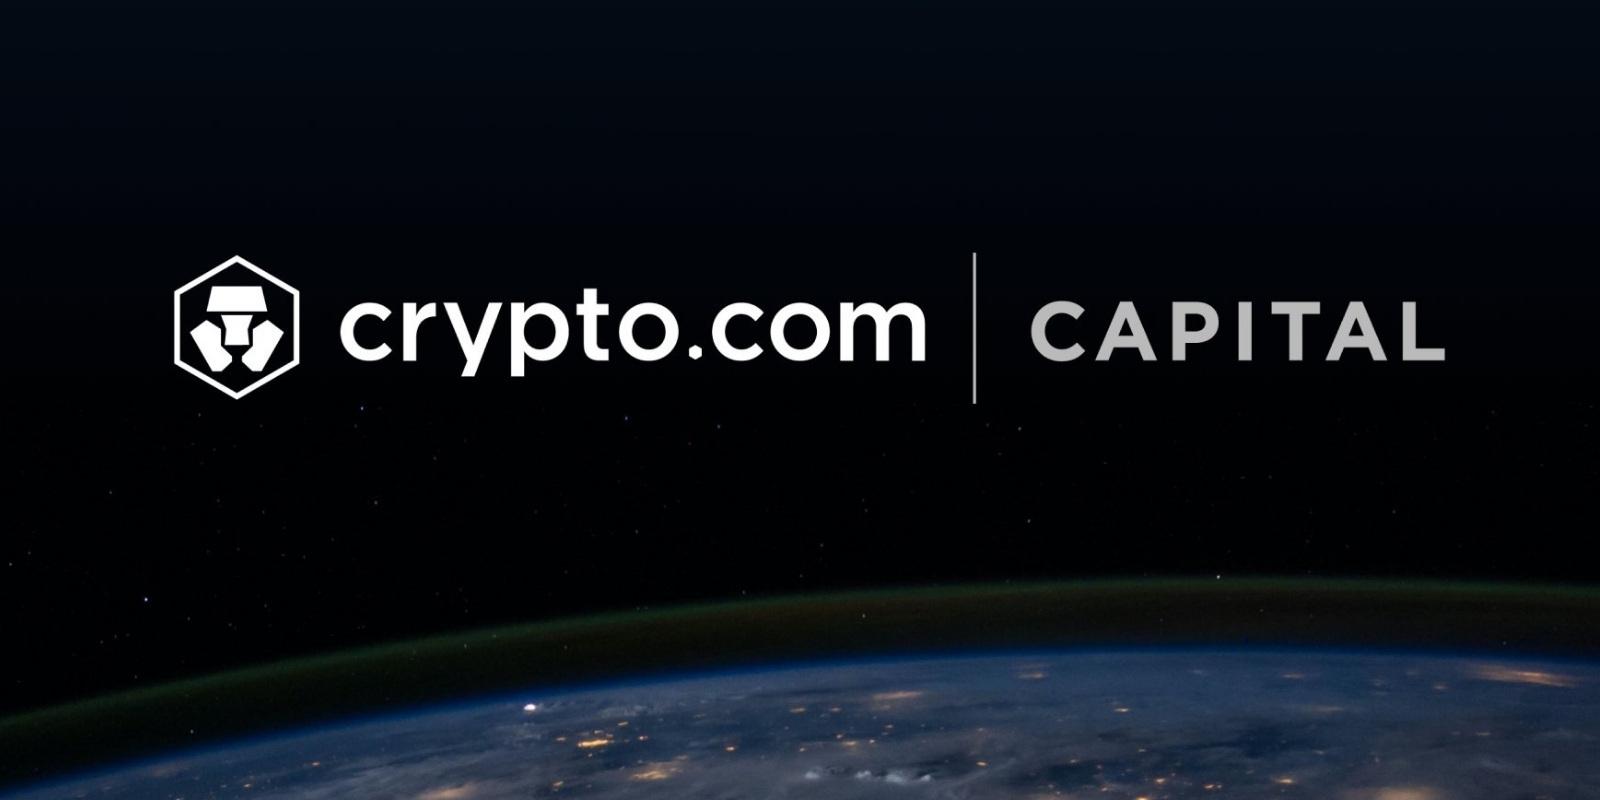 Crypto.com (CRO) lance un fonds d'investissement de 200 millions de dollars dédié aux startups crypto